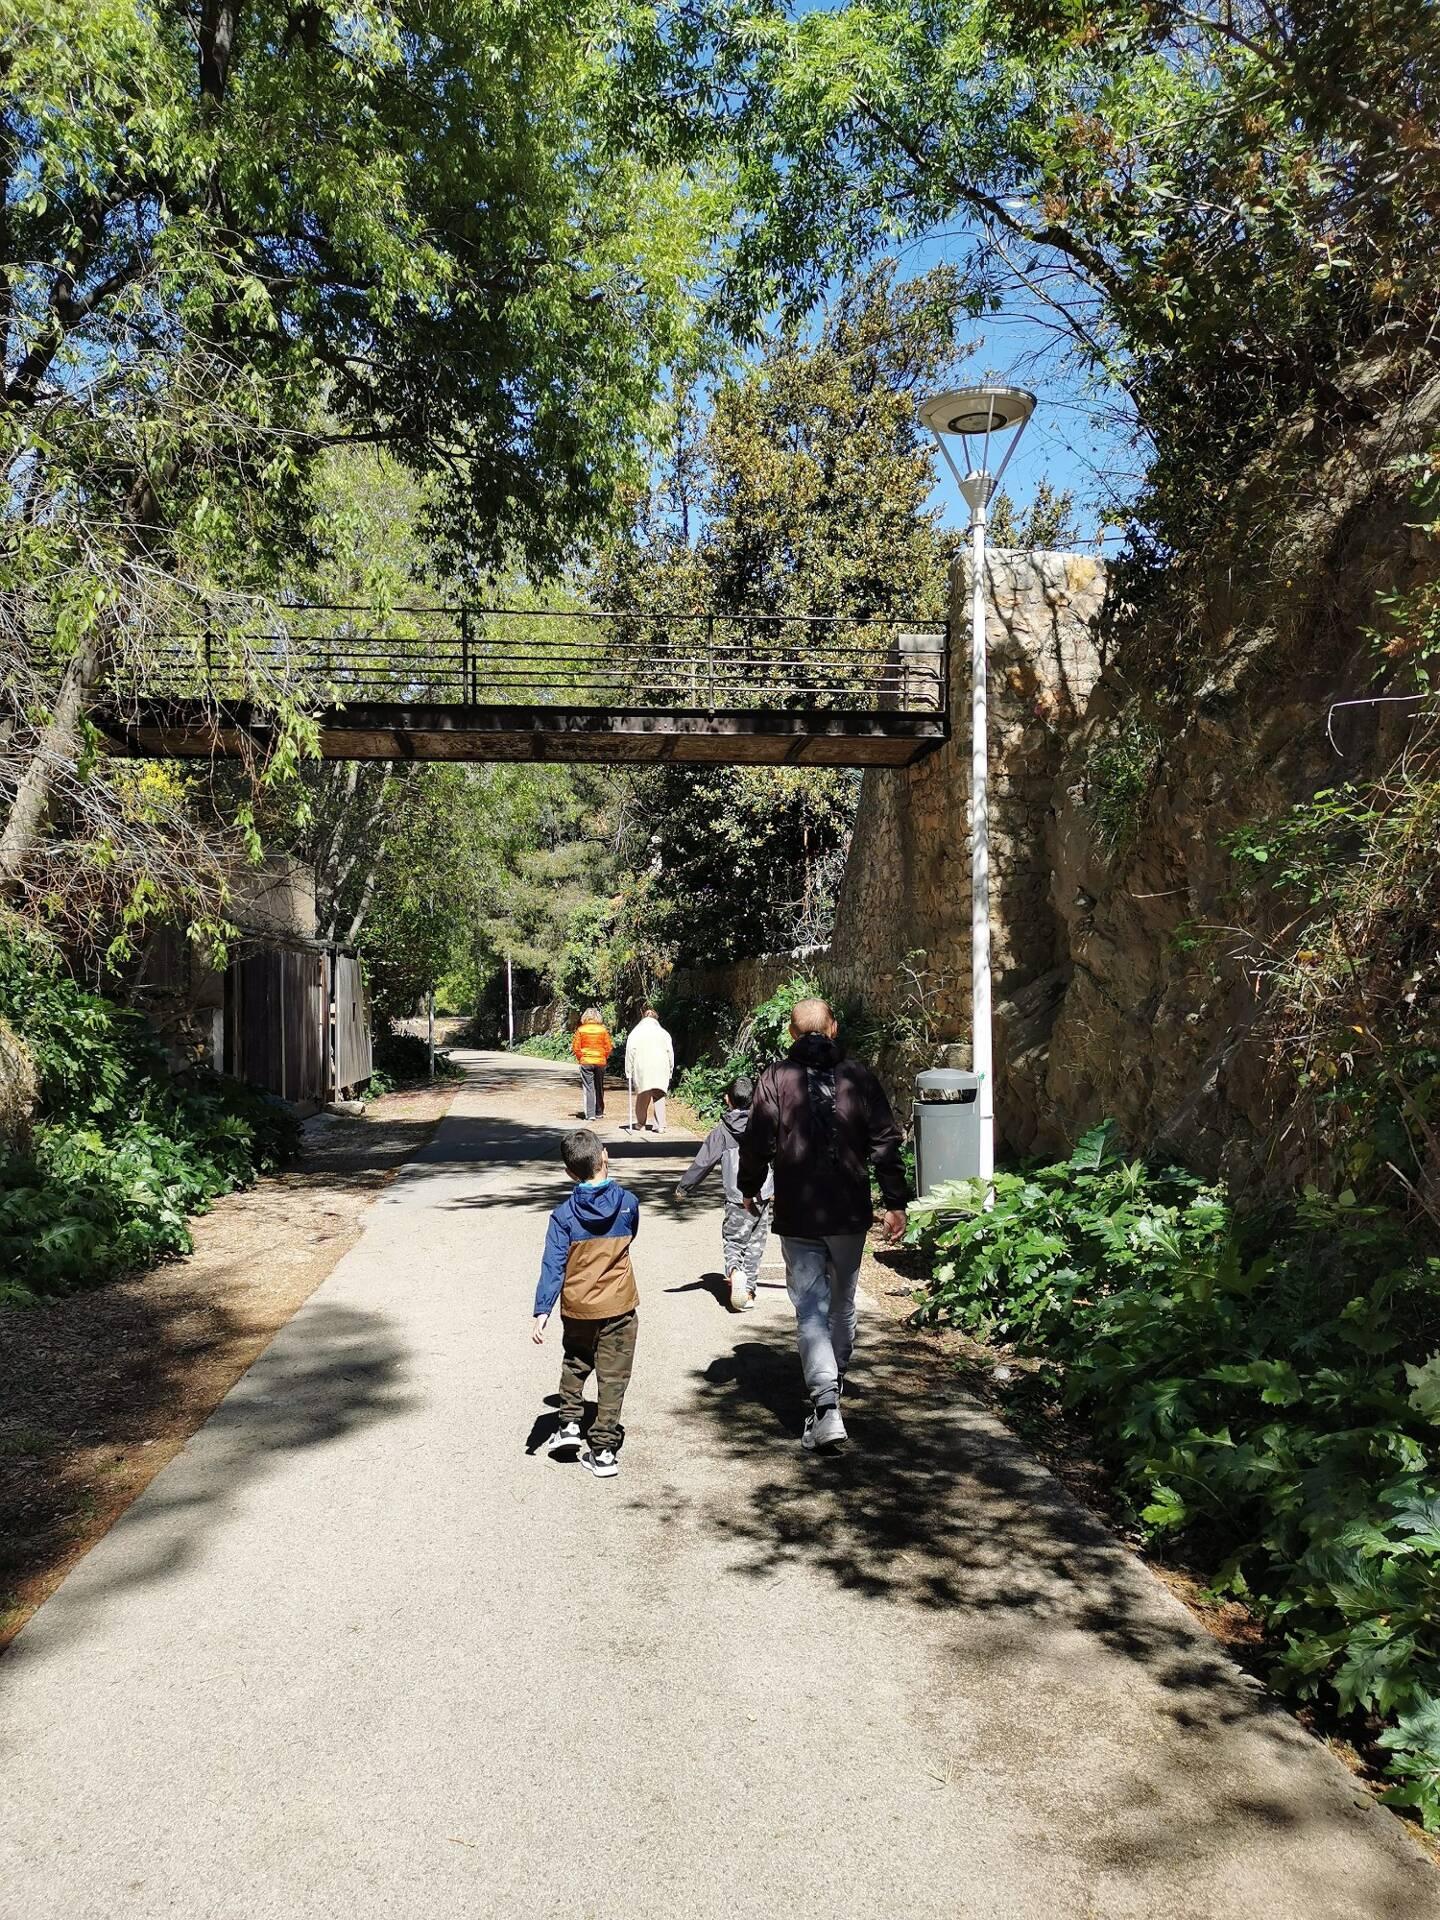 Piétons et cyclistes se partagent la route.